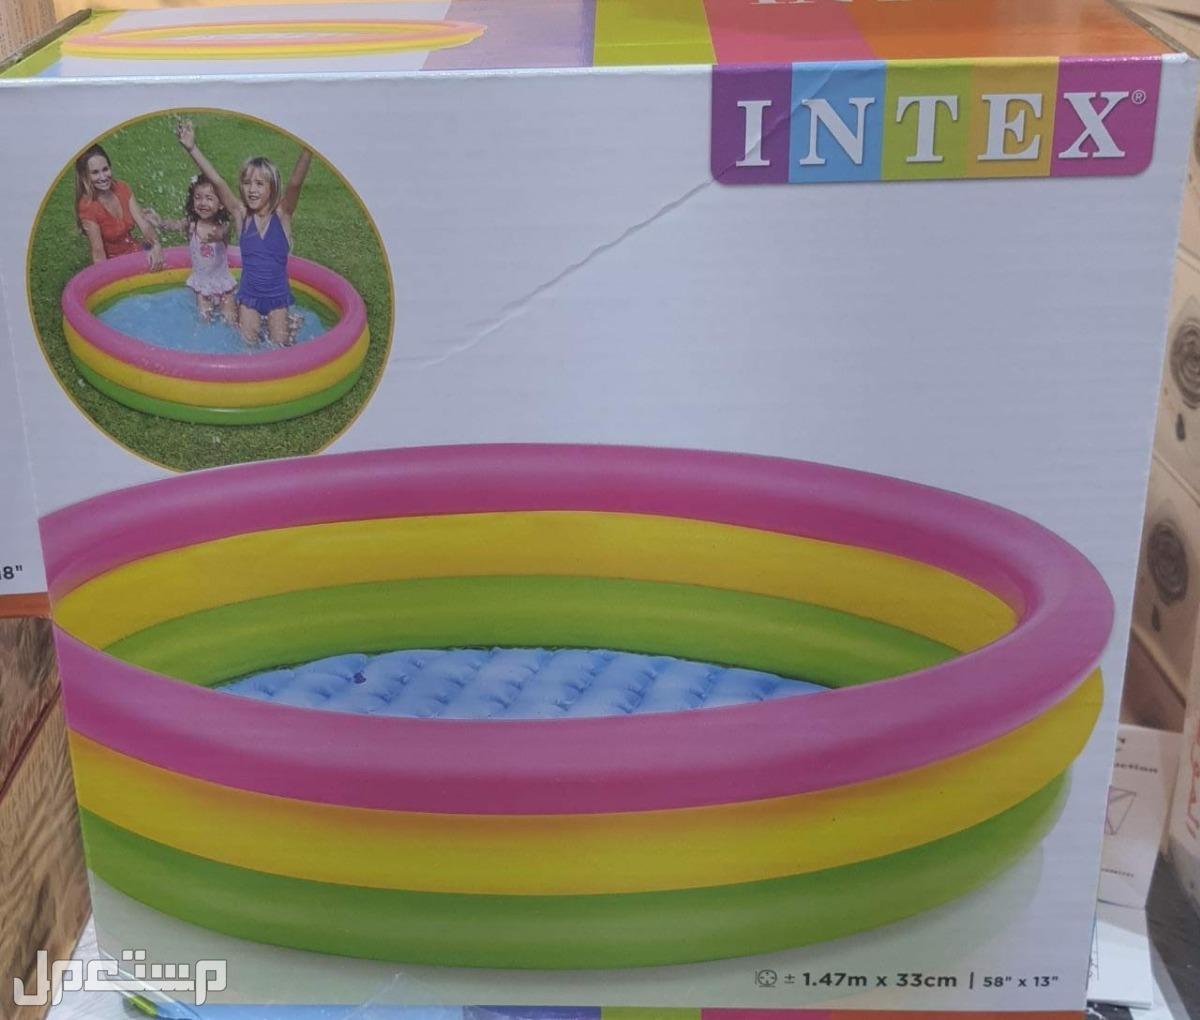 مسبح بلاستيك للأطفال متوفر بمقاسين